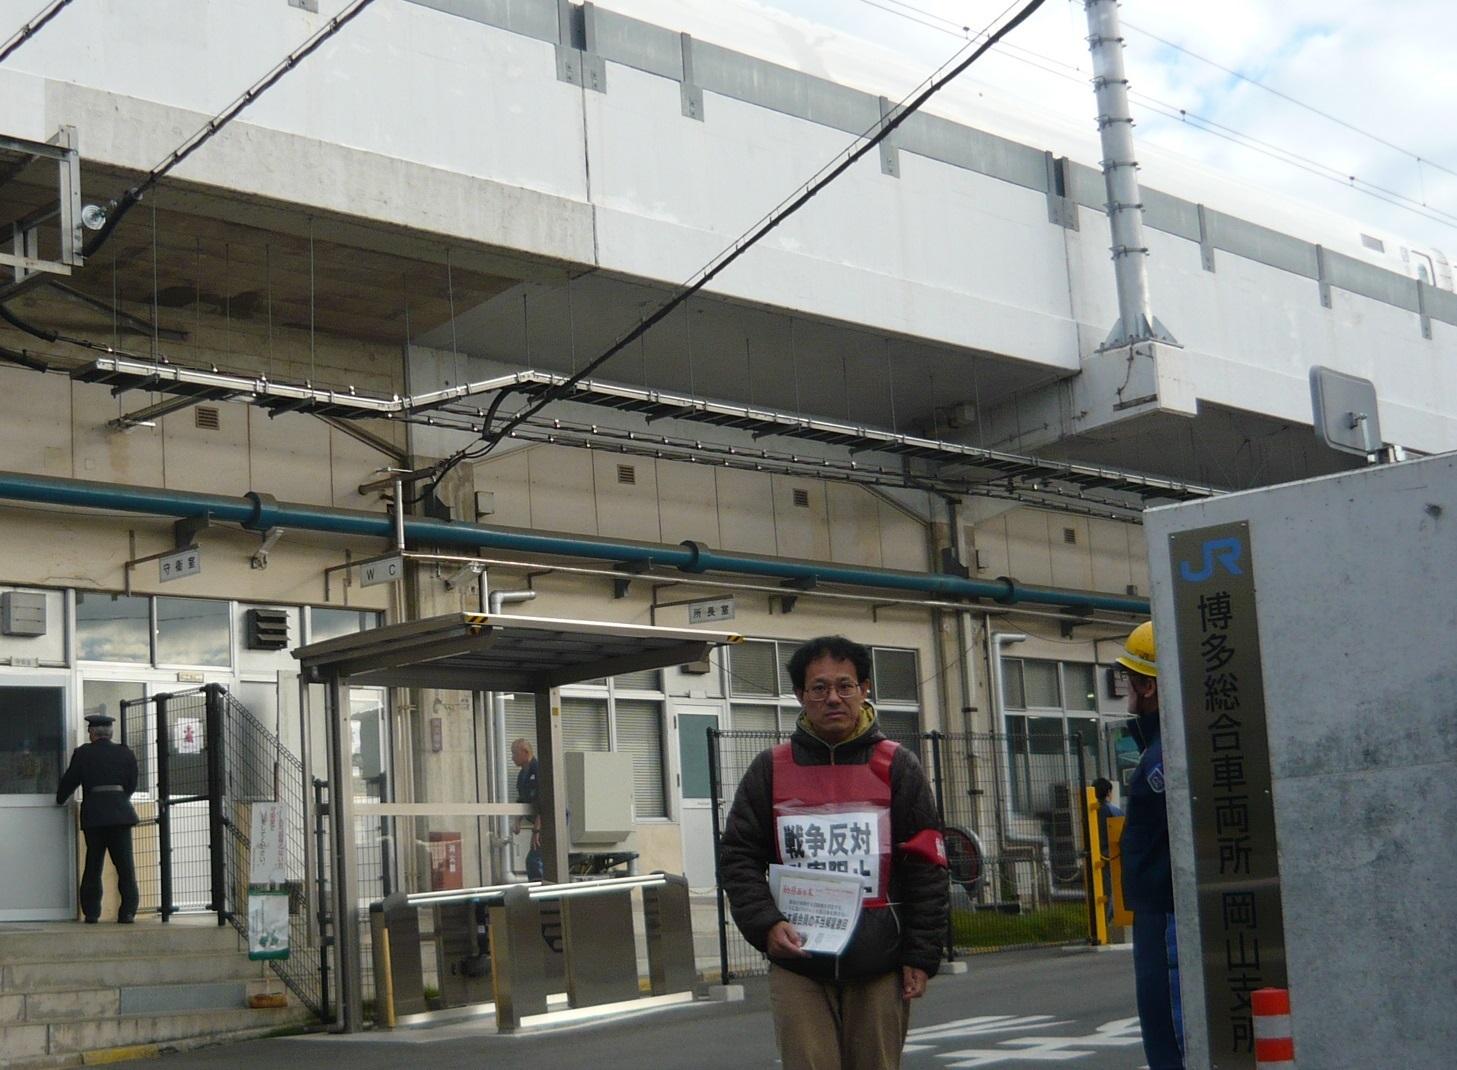 11月1日、博多総合車両所岡山支所前で本部情報を配りました_d0155415_12340172.jpg